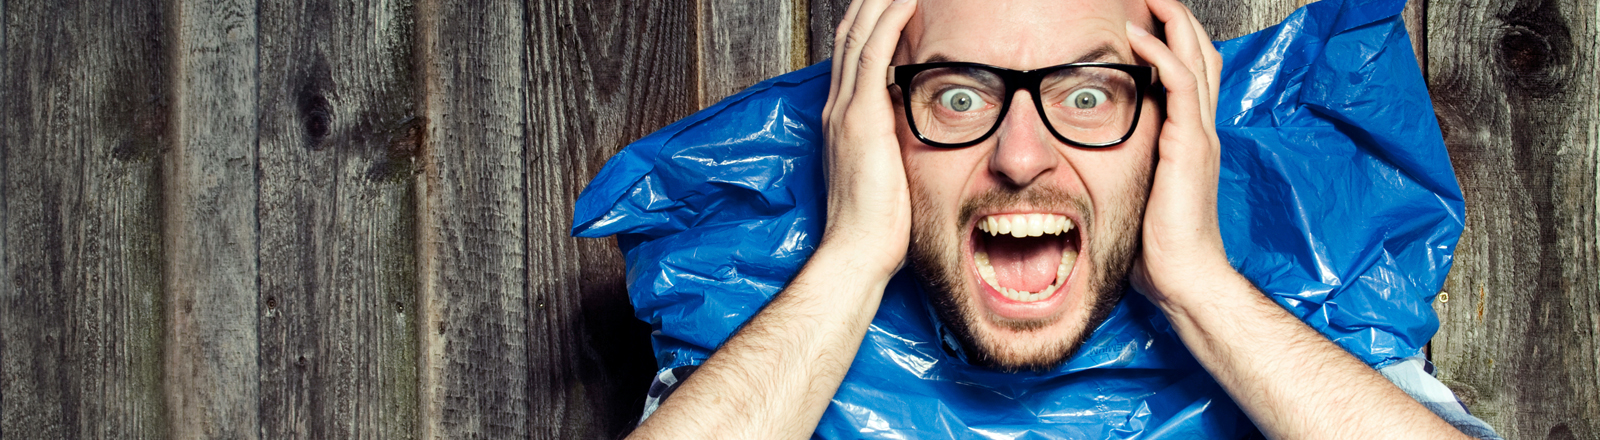 Ein Mann schreit vor Entsetzen. Und hat einen blauen Plastikmüllsack an.